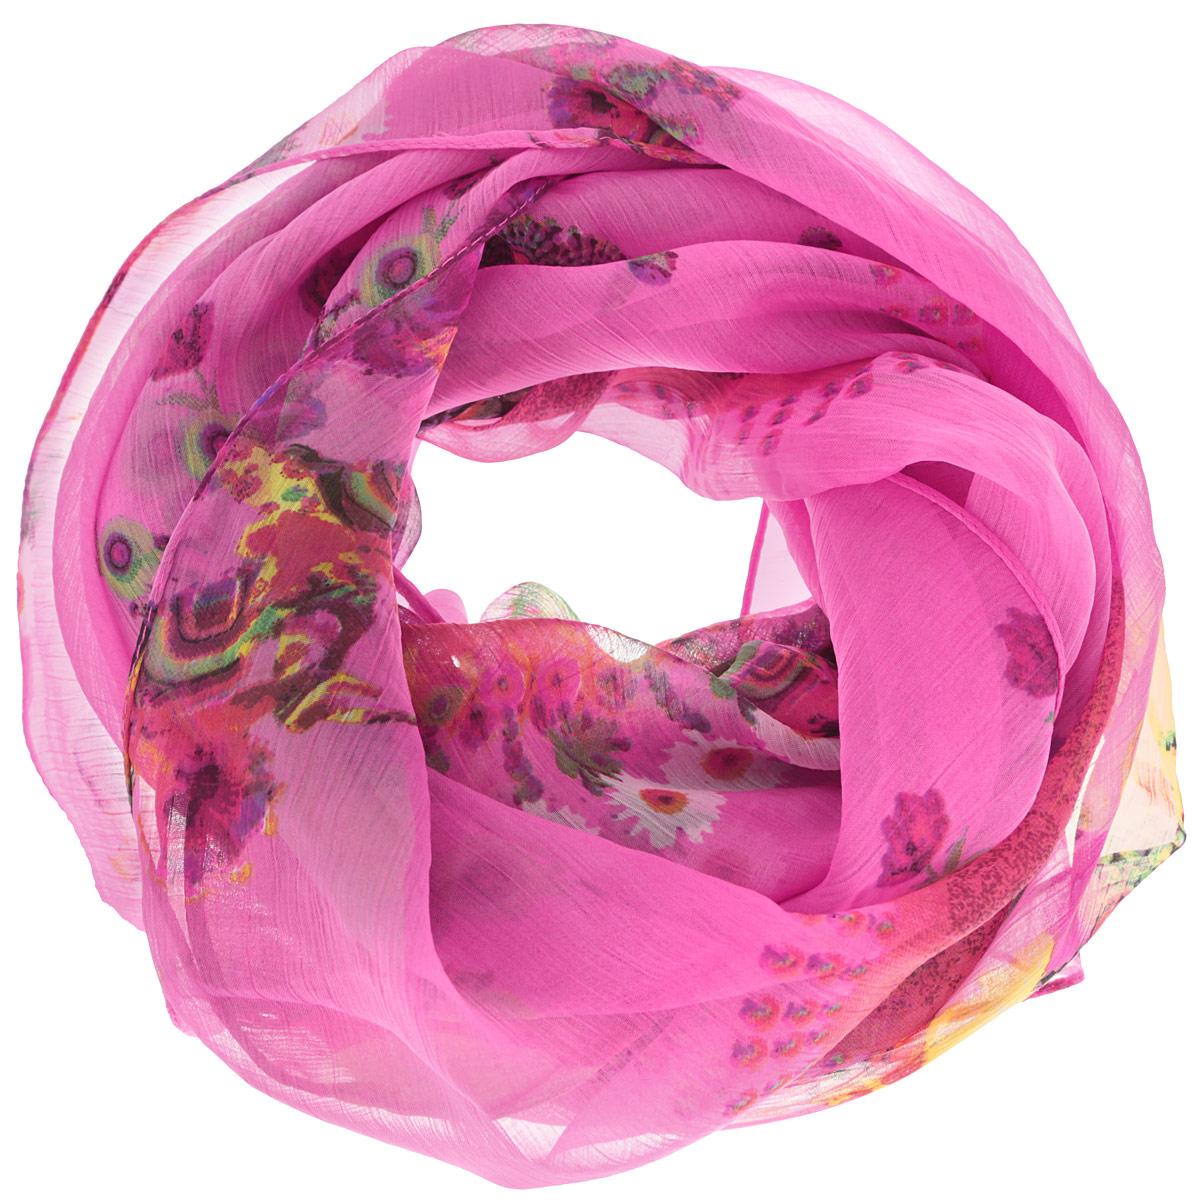 Платок женский Ethnica, цвет: розовый, мультиколор. 524040н. Размер 100 см х 100 см524040нСтильный женский платок Ethnica станет великолепным завершением любого наряда. Платок изготовлен из 100% вискозы и оформлен оригинальным орнаментом. Классическая квадратная форма позволяет носить платок на шее, украшать им прическу или декорировать сумочку. Такой платок превосходно дополнит любой наряд и подчеркнет ваш неповторимый вкус и элегантность.